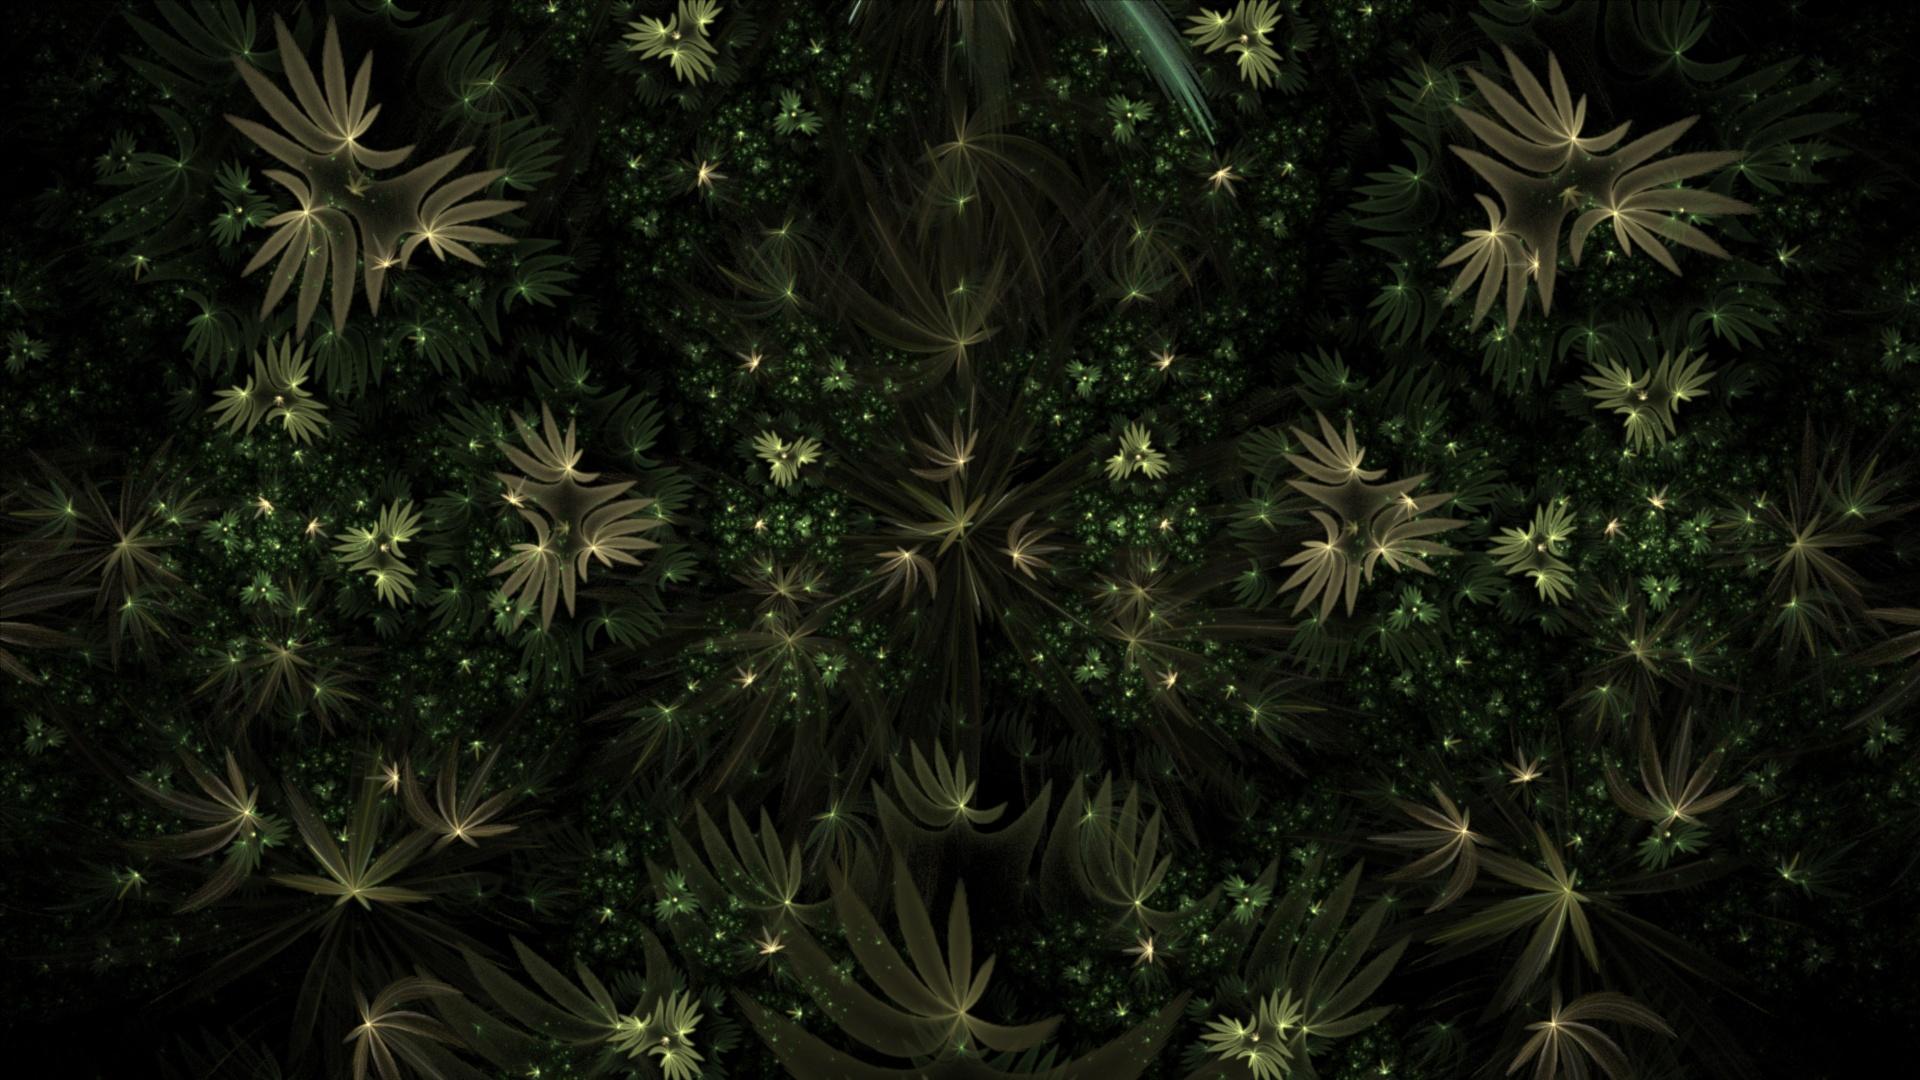 marijuana abstract wallpaper - photo #15